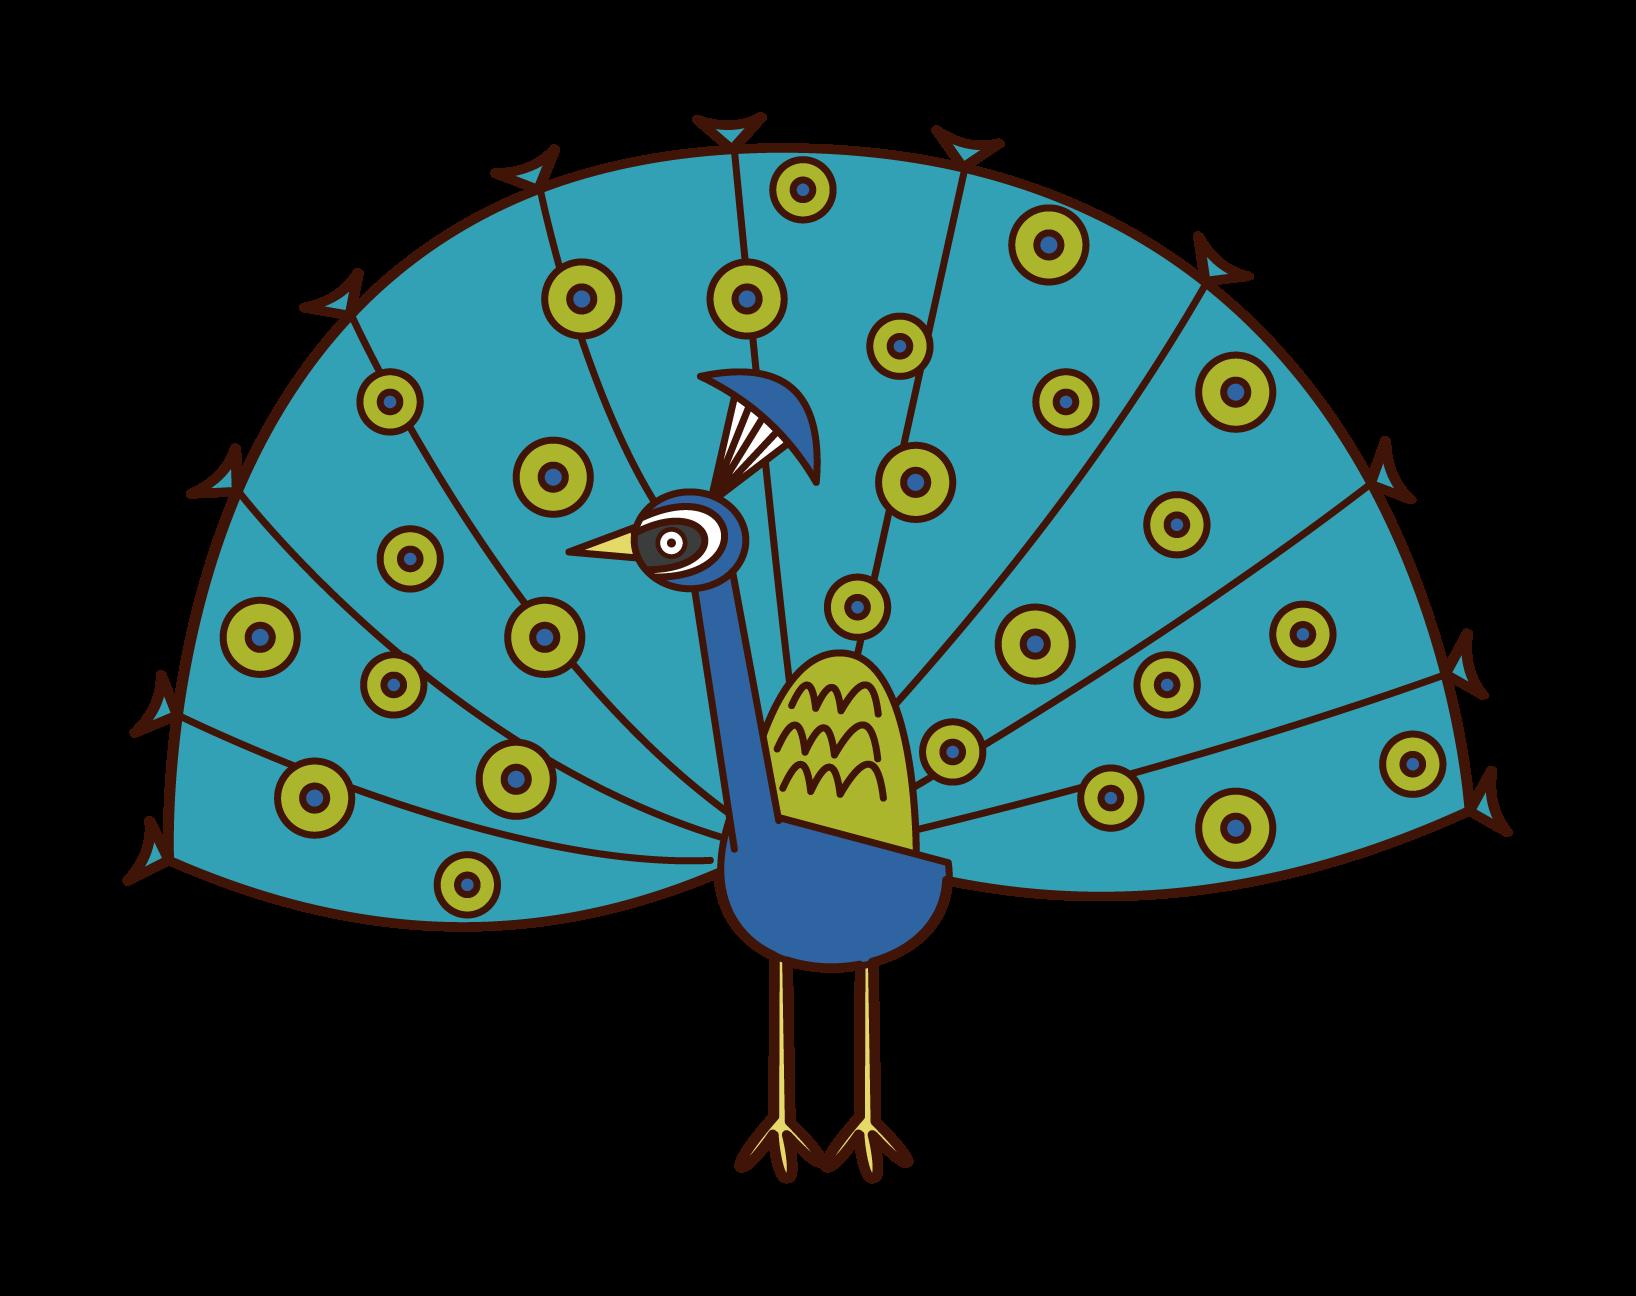 羽を広げたクジャクのイラスト